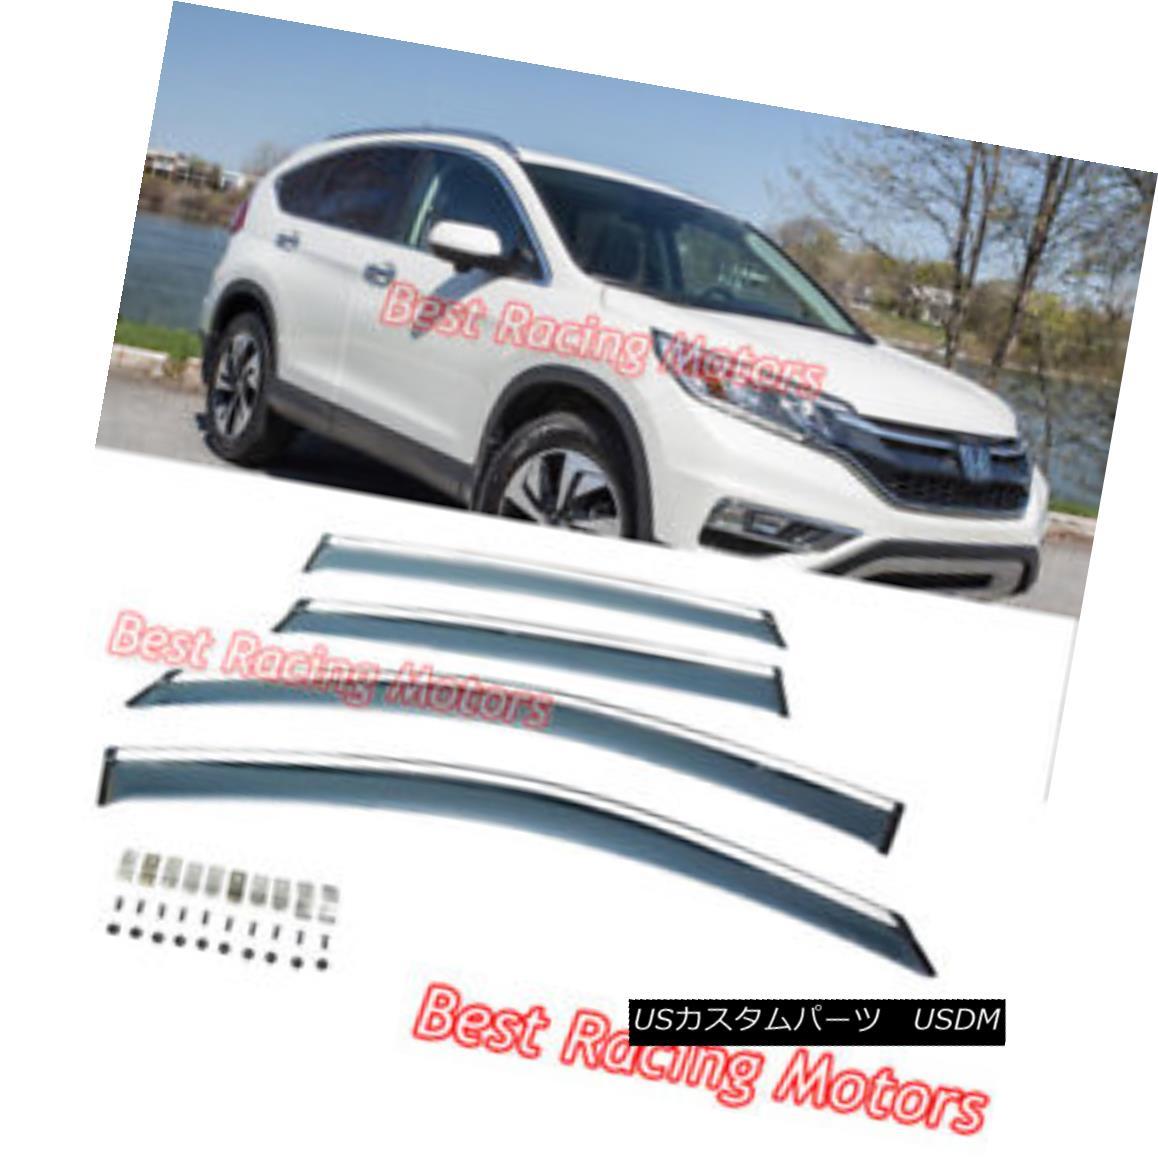 エアロパーツ JDM Style Side Window Visors + Chrome Molding Trims + Clips Fit 12-16 Honda CR-V JDMスタイルのサイドウィンドウバイザー+クロームモールディングトリム+クリップ12-16 Honda CR-Vに適合